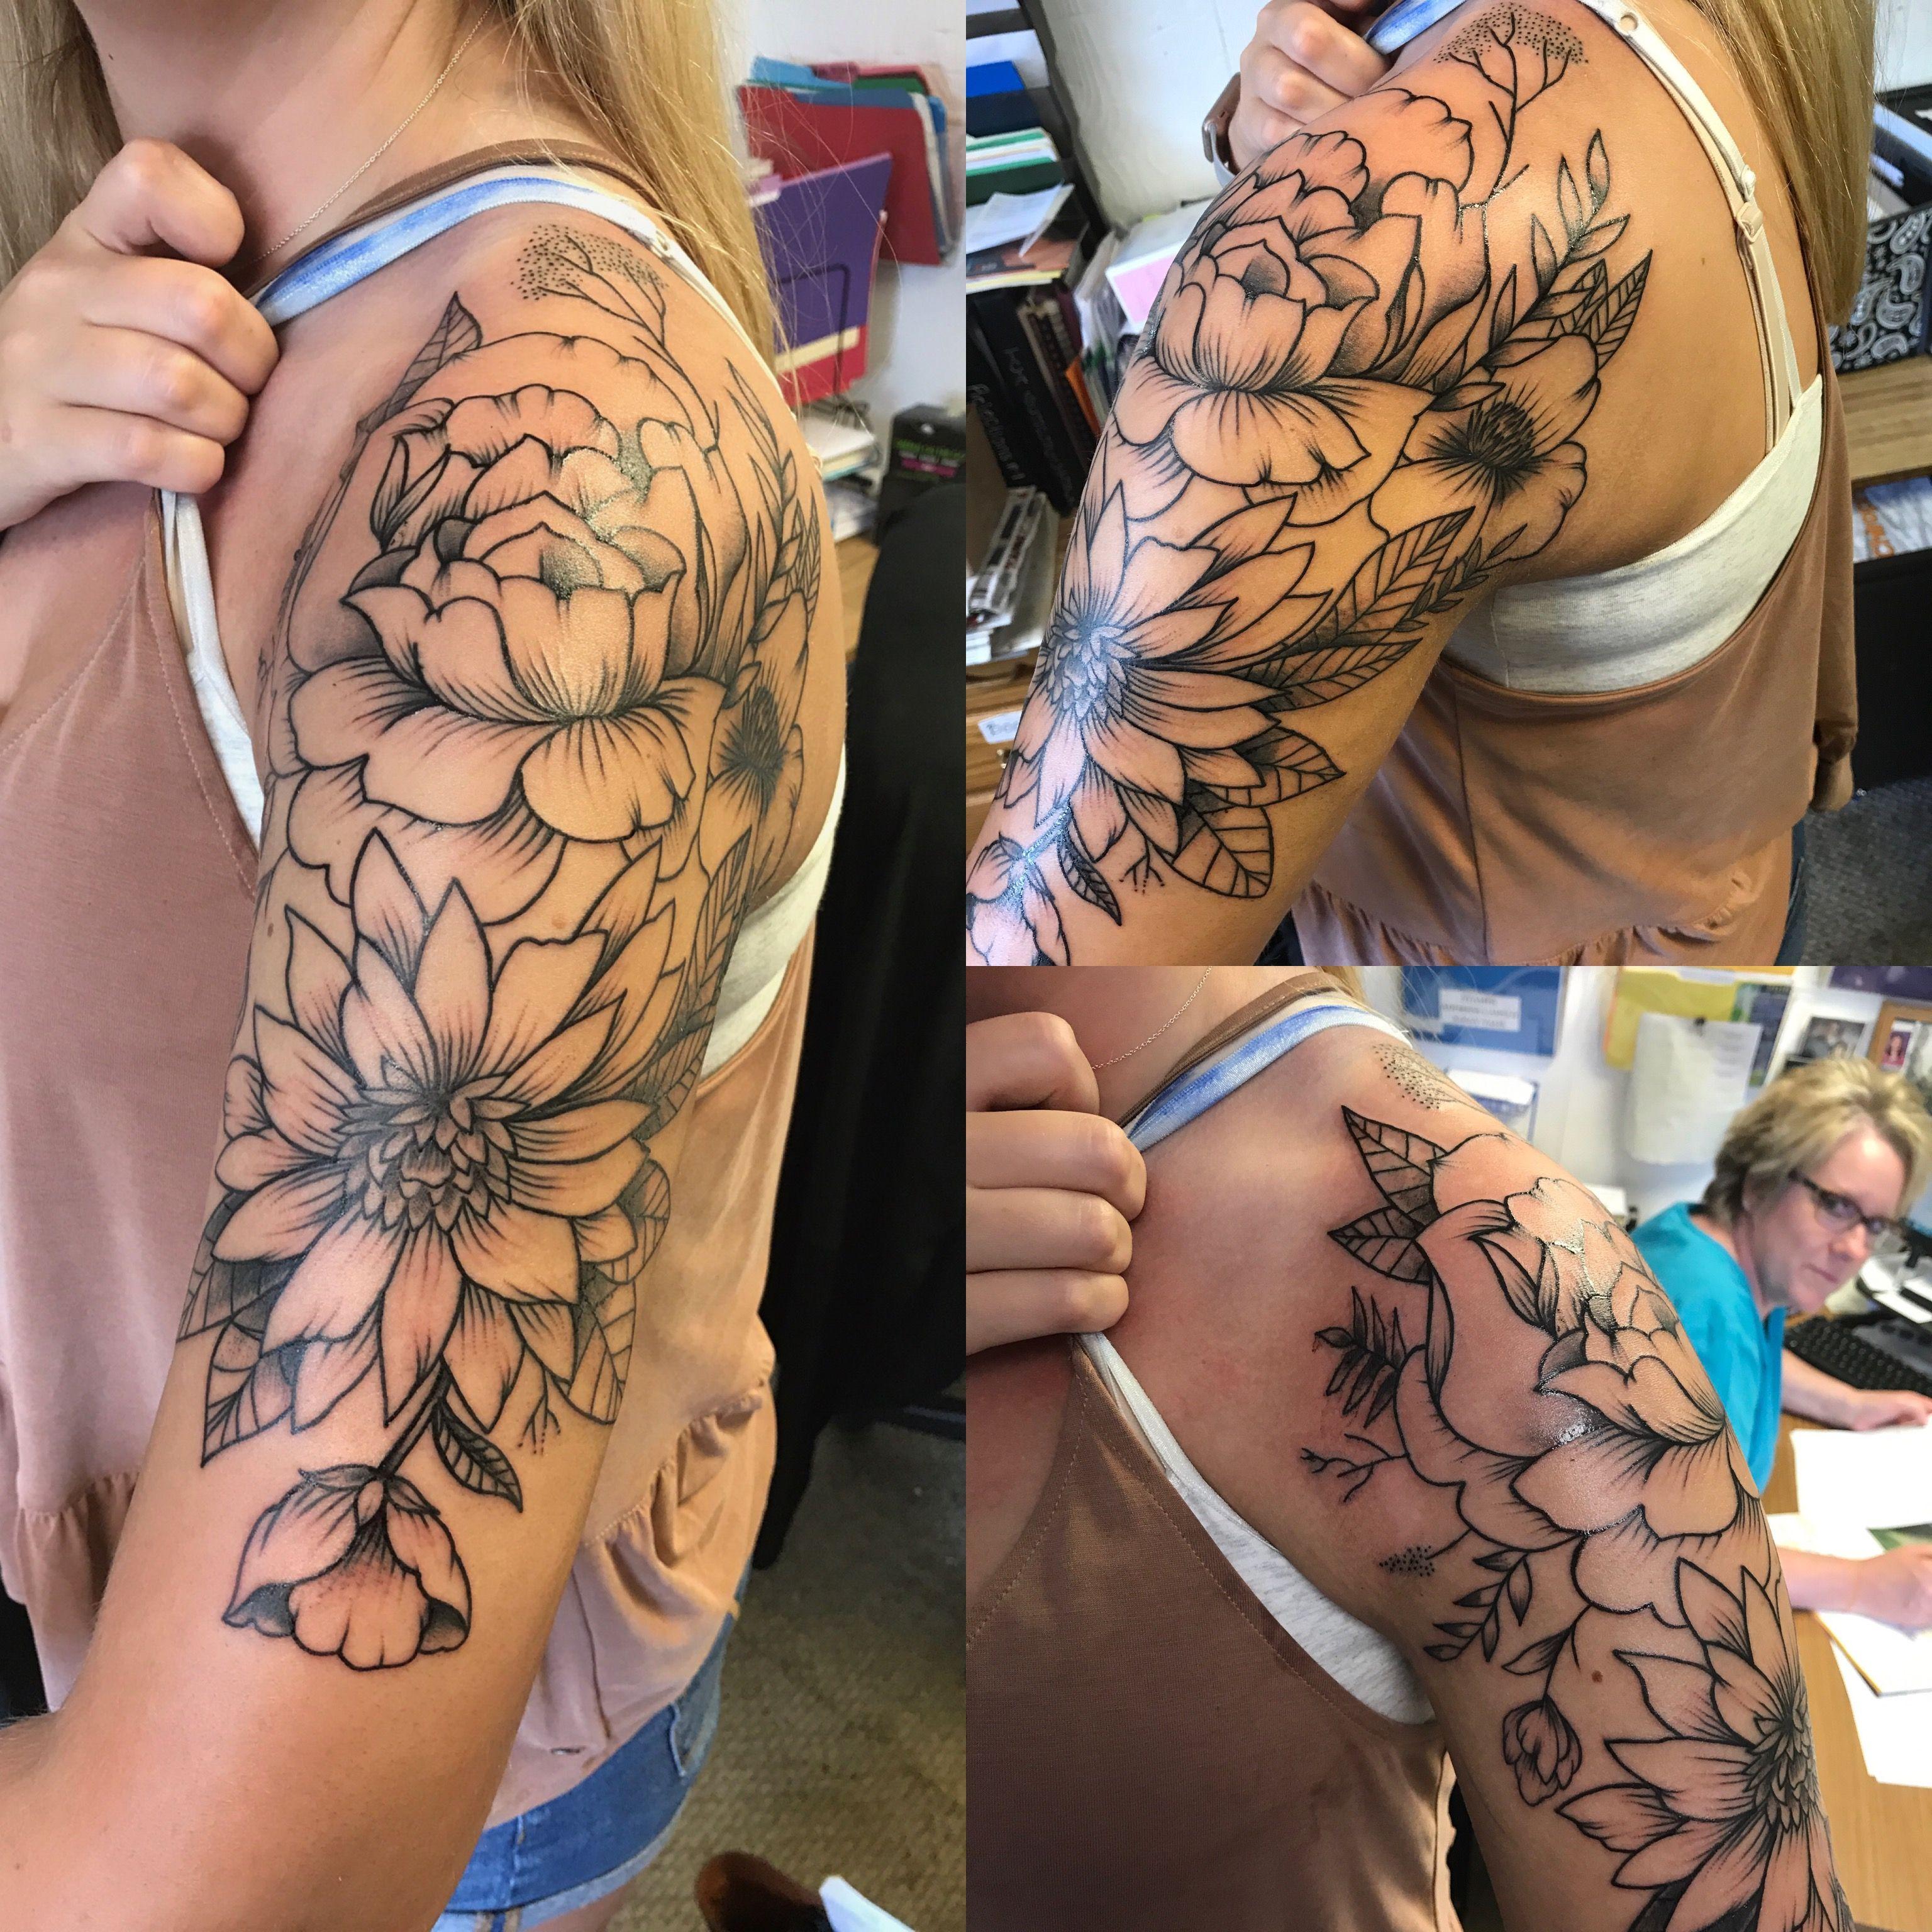 Floral Half Sleeve Tattoo Half Sleeve Tattoos Color Half Sleeve Tattoos Designs Half Sleeve Tattoo